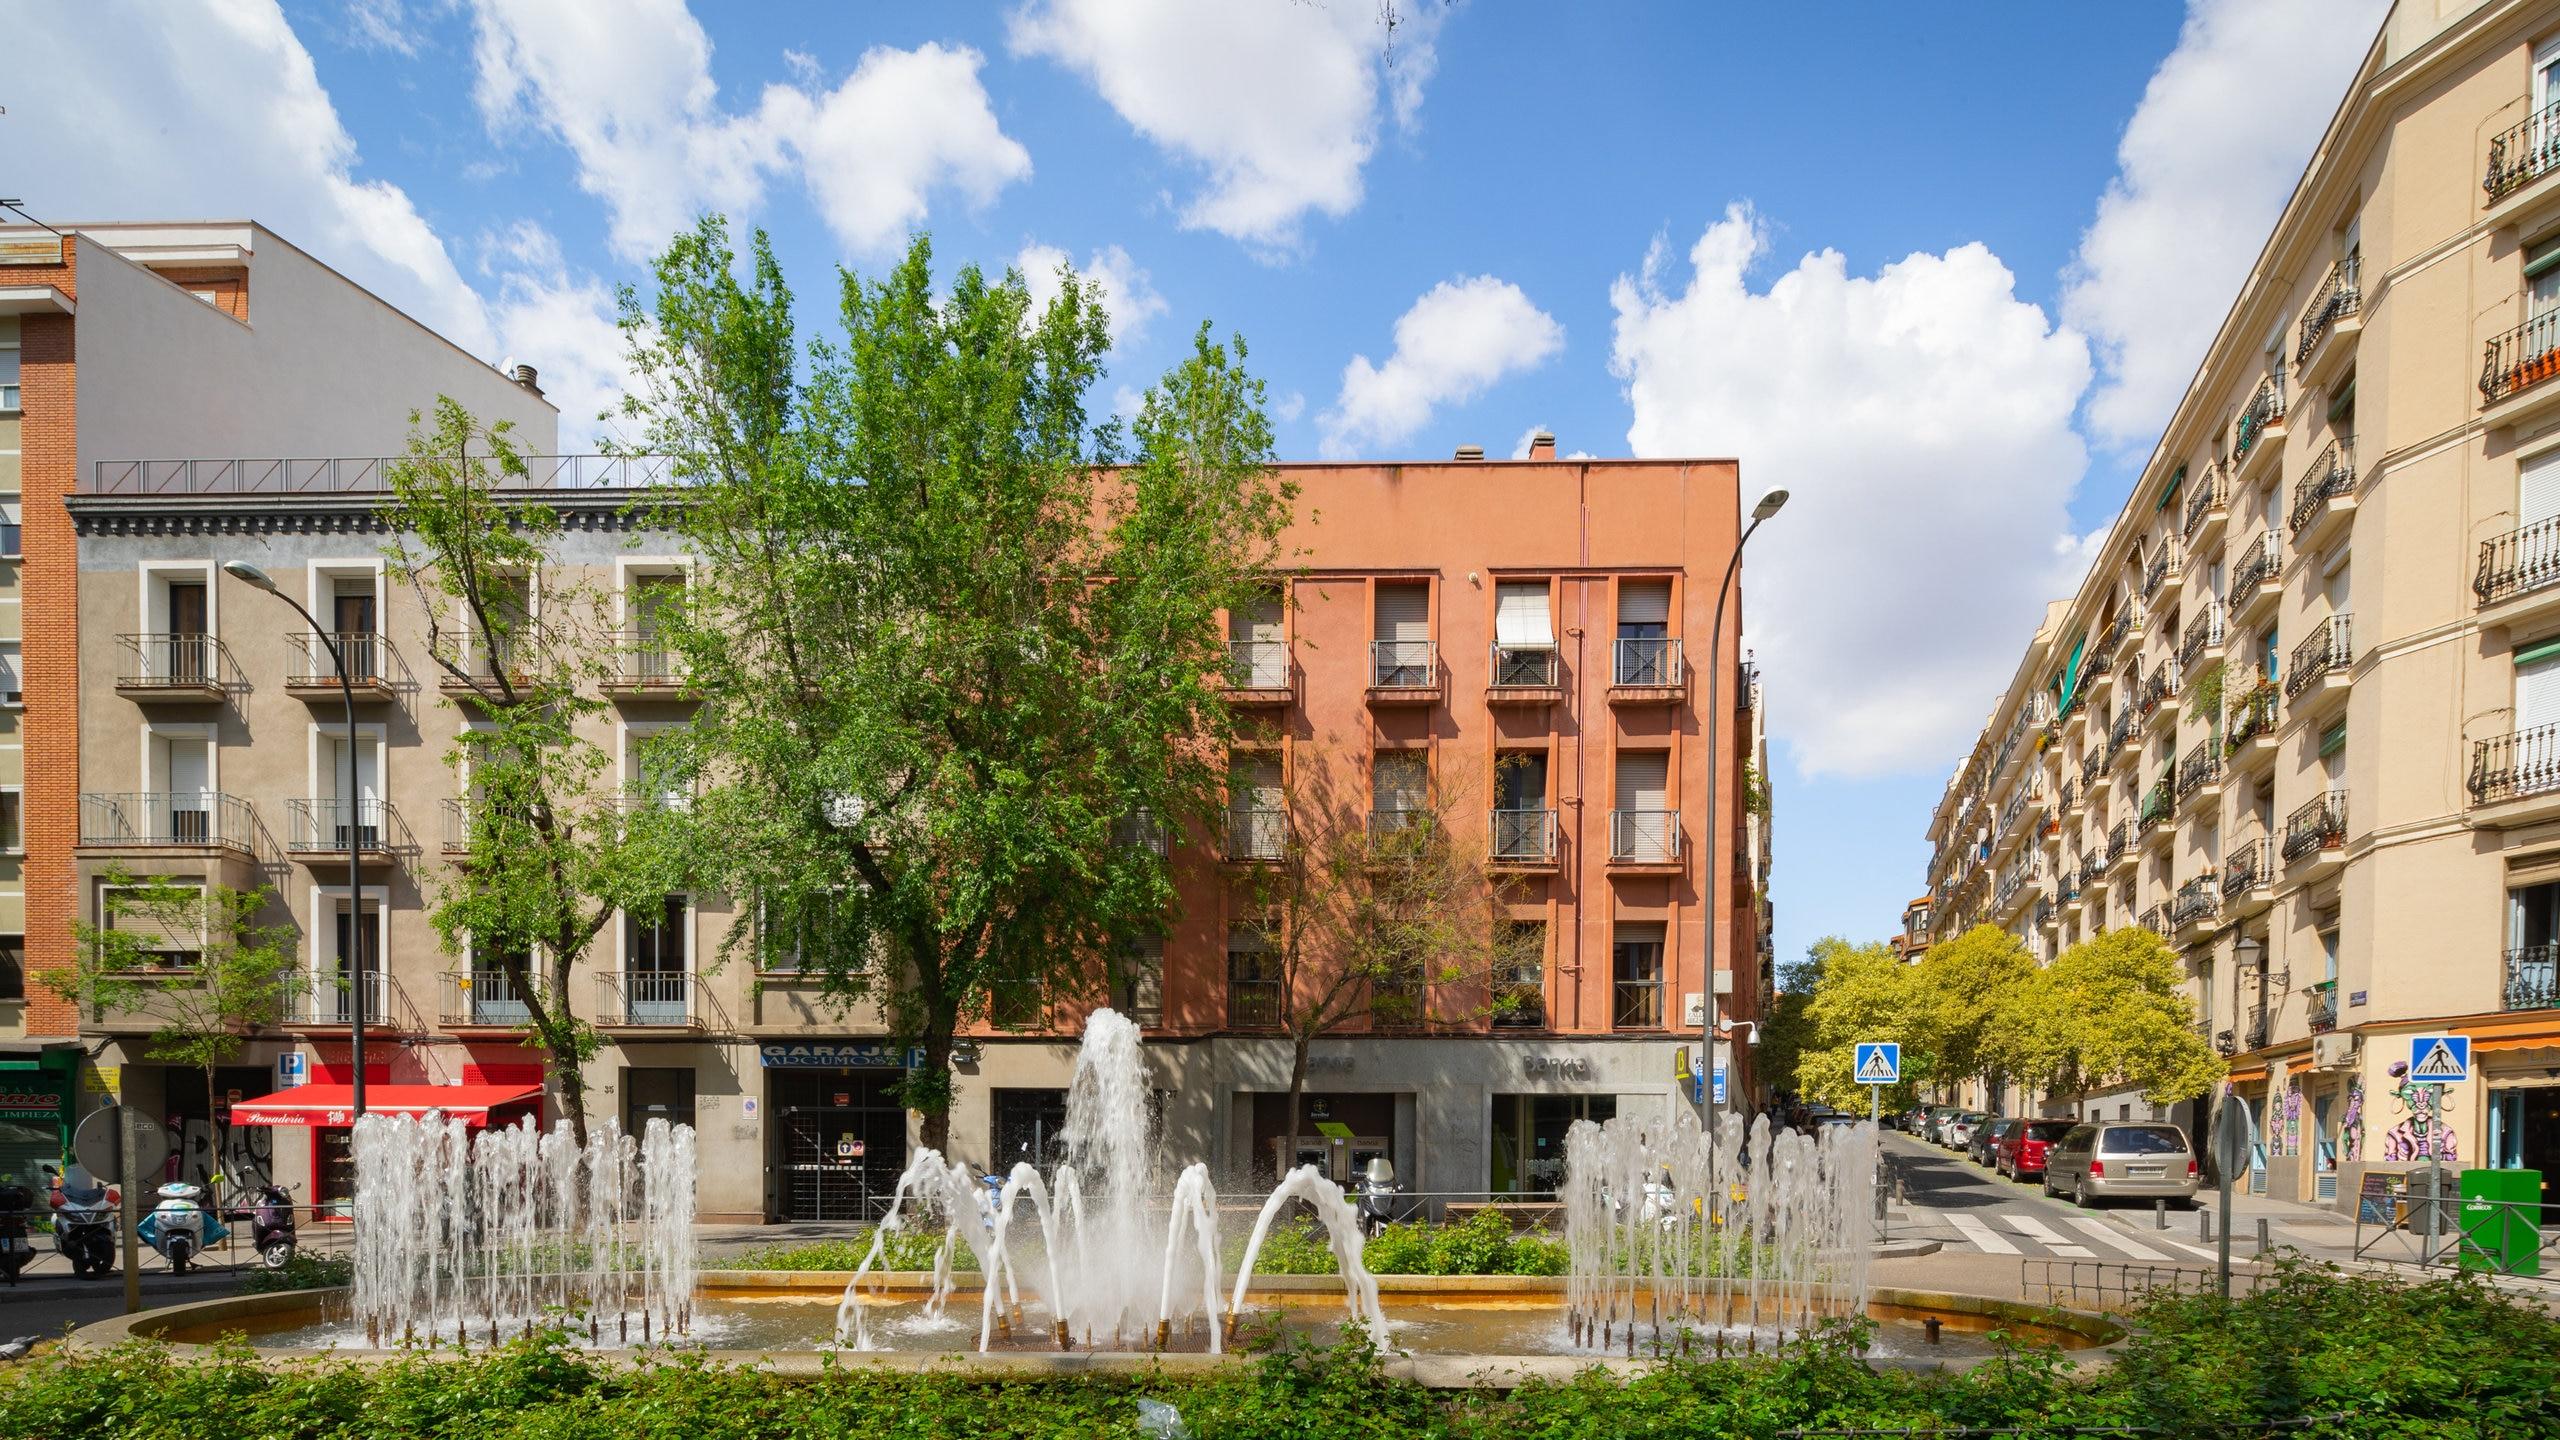 Lavapies, Madrid, Community of Madrid, Spain